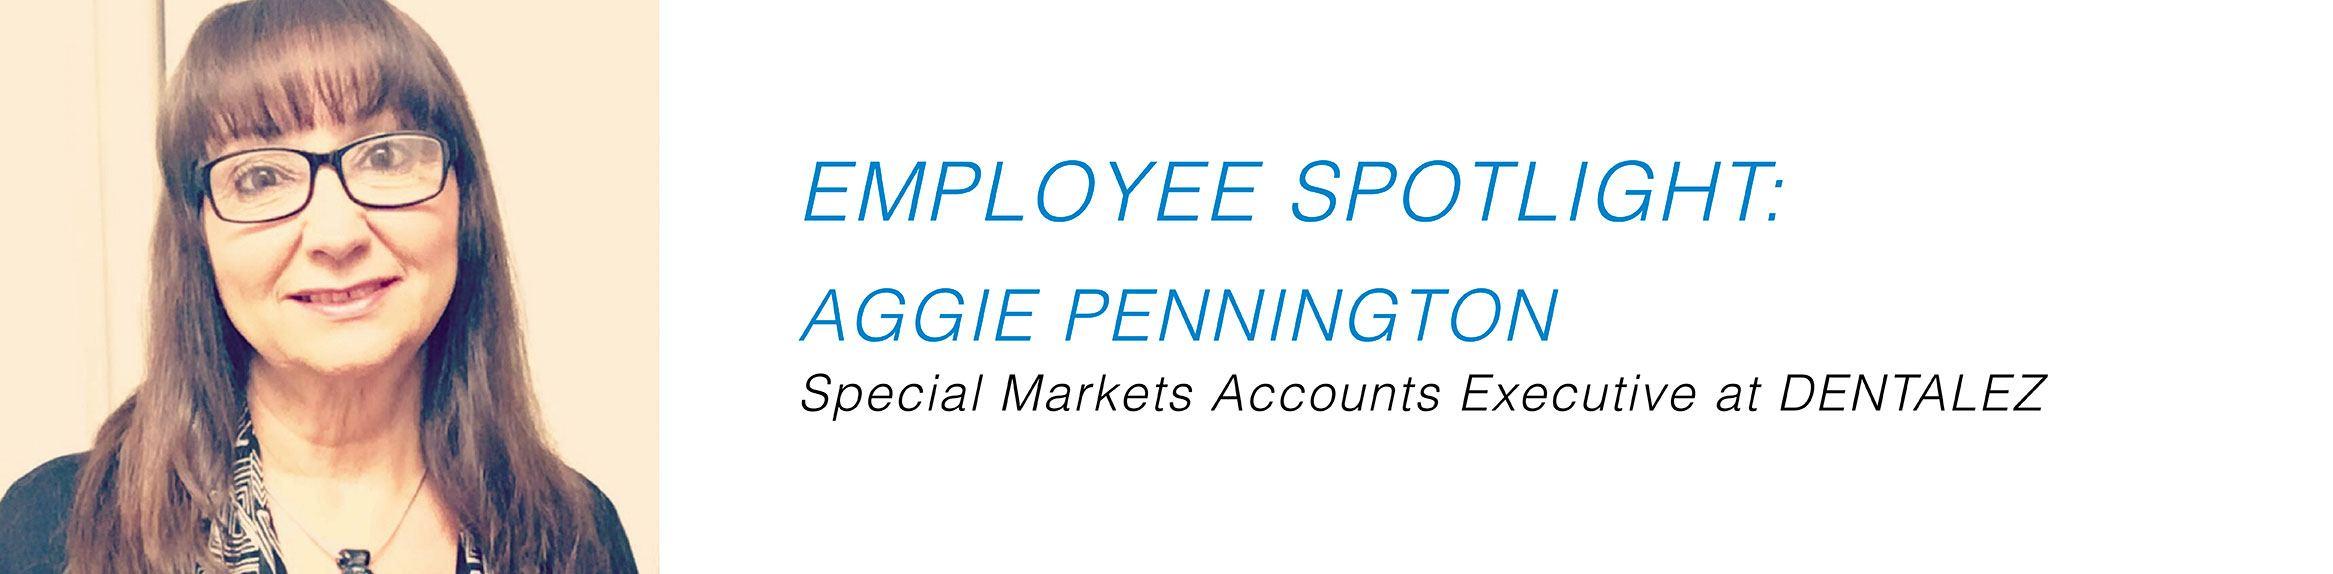 Employee Spotlight - Aggie Pennington